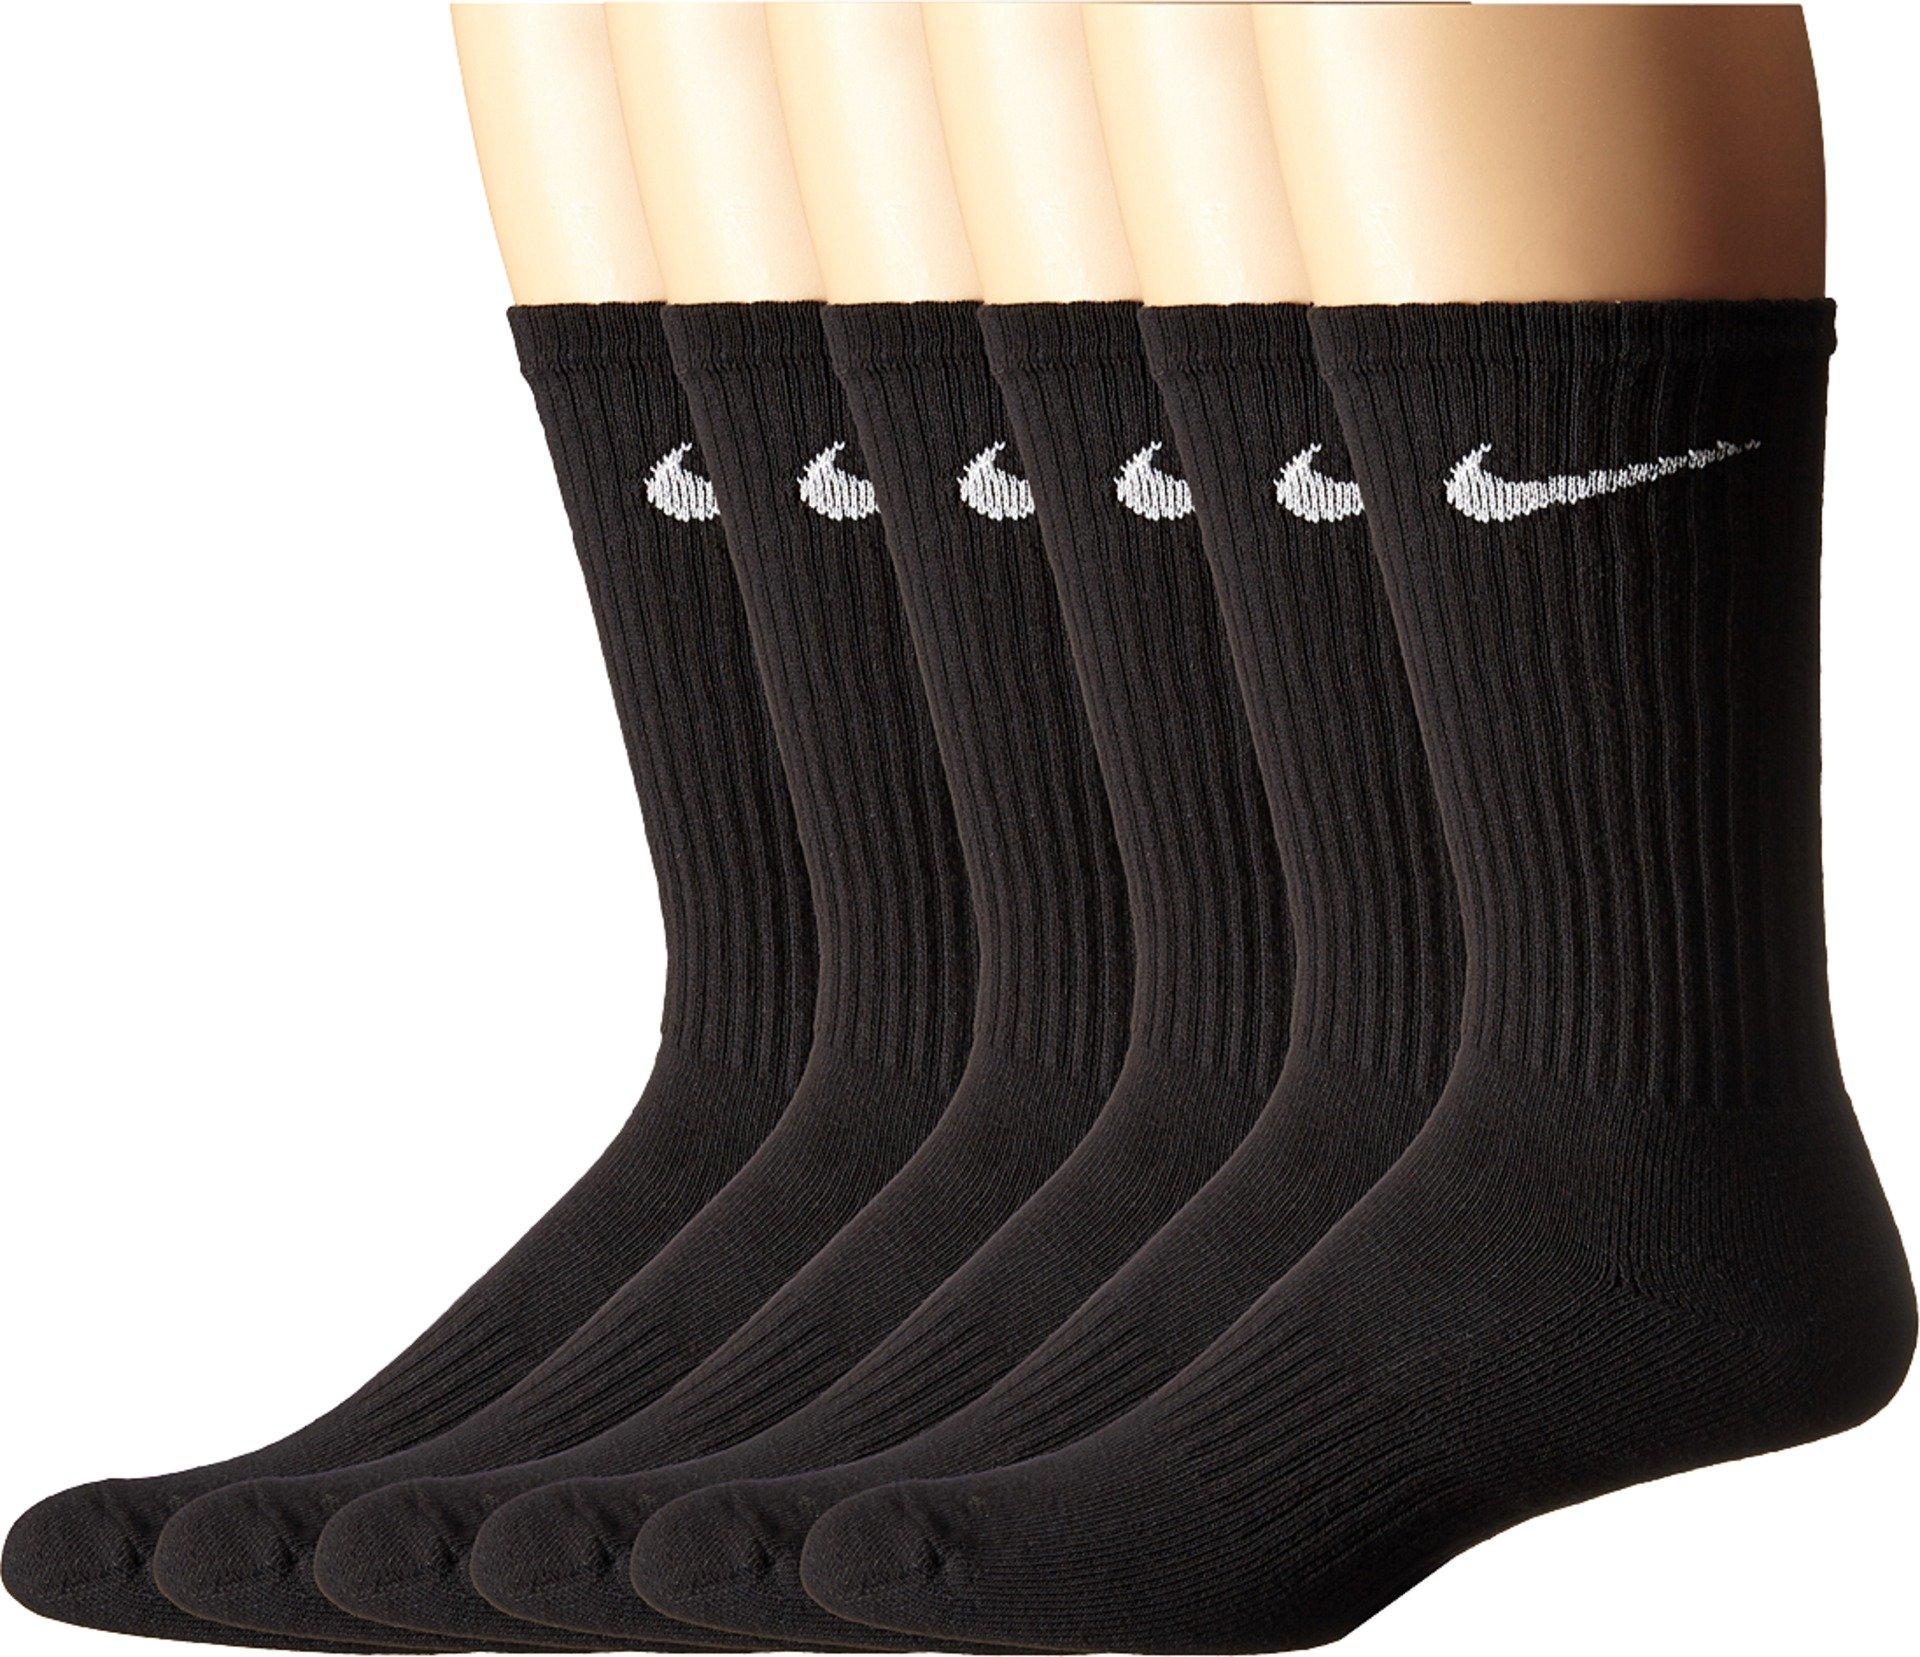 NIKE Unisex Performance Cushion Crew Socks (6 Pairs), Black/White, Large by Nike